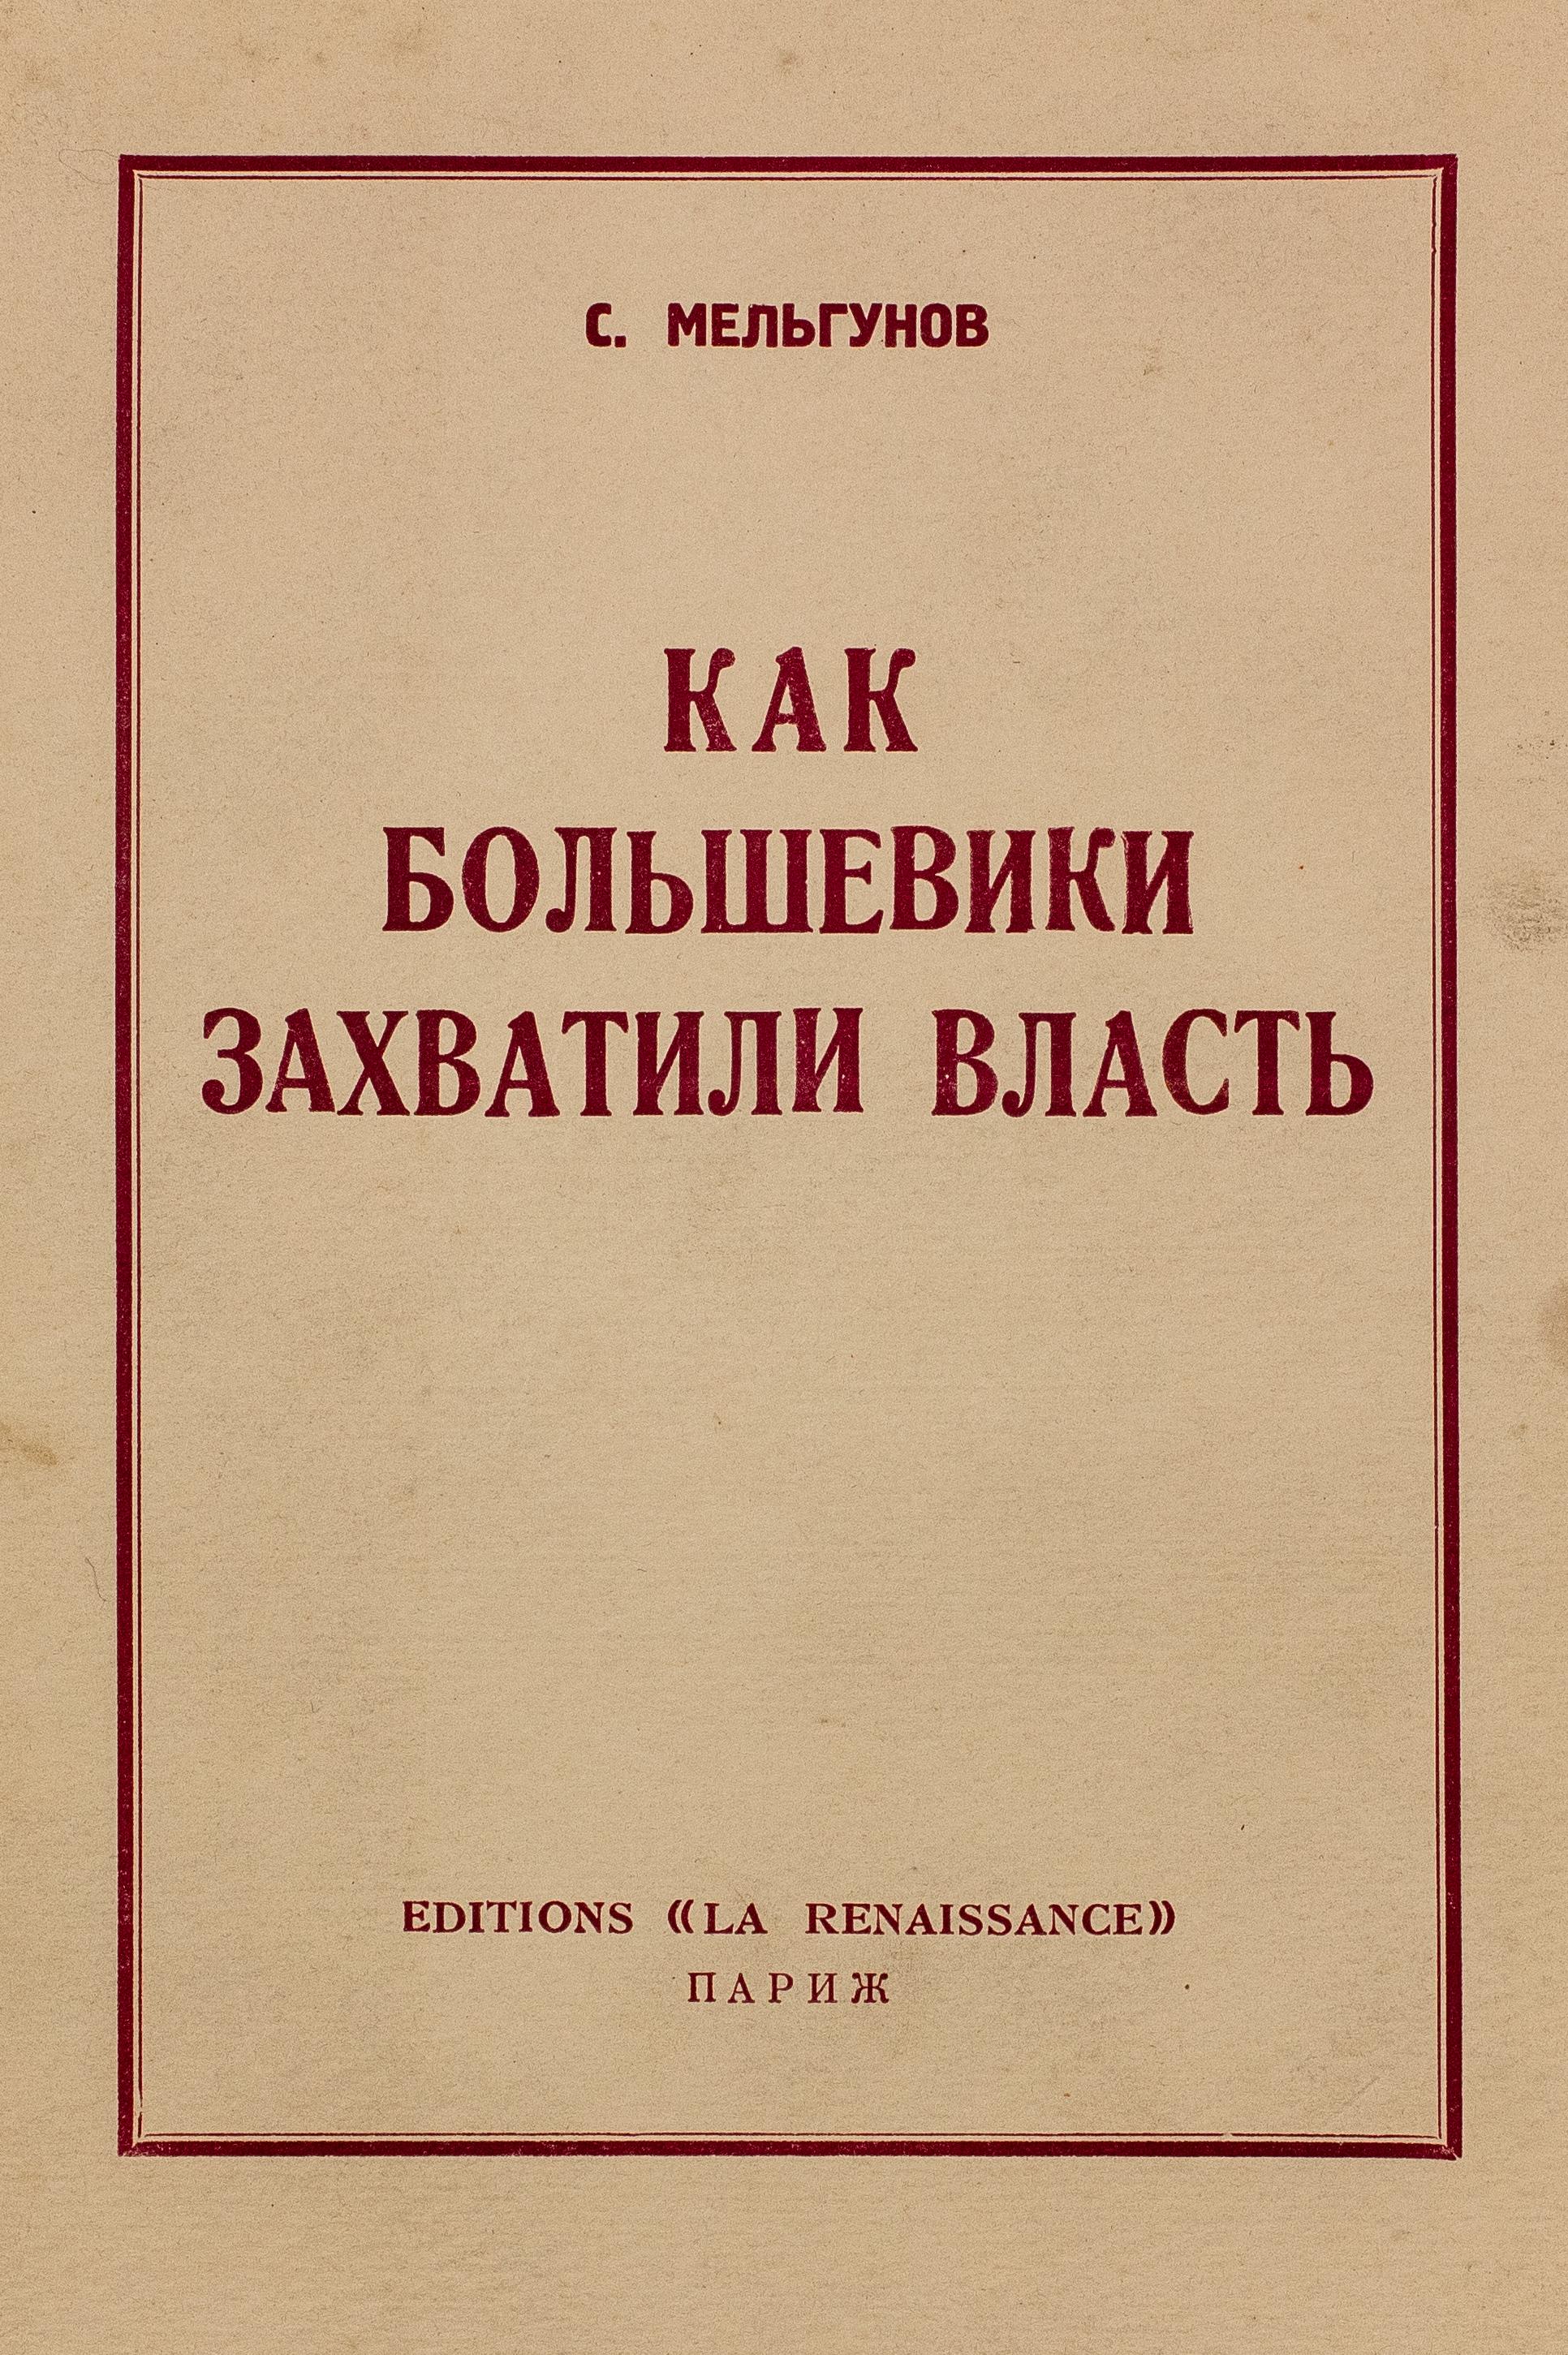 Lot 478 - MELGOUNOFF, Serge. Comment les bolchéviks s'emparèrent du pouvoir. Paris, La [...]